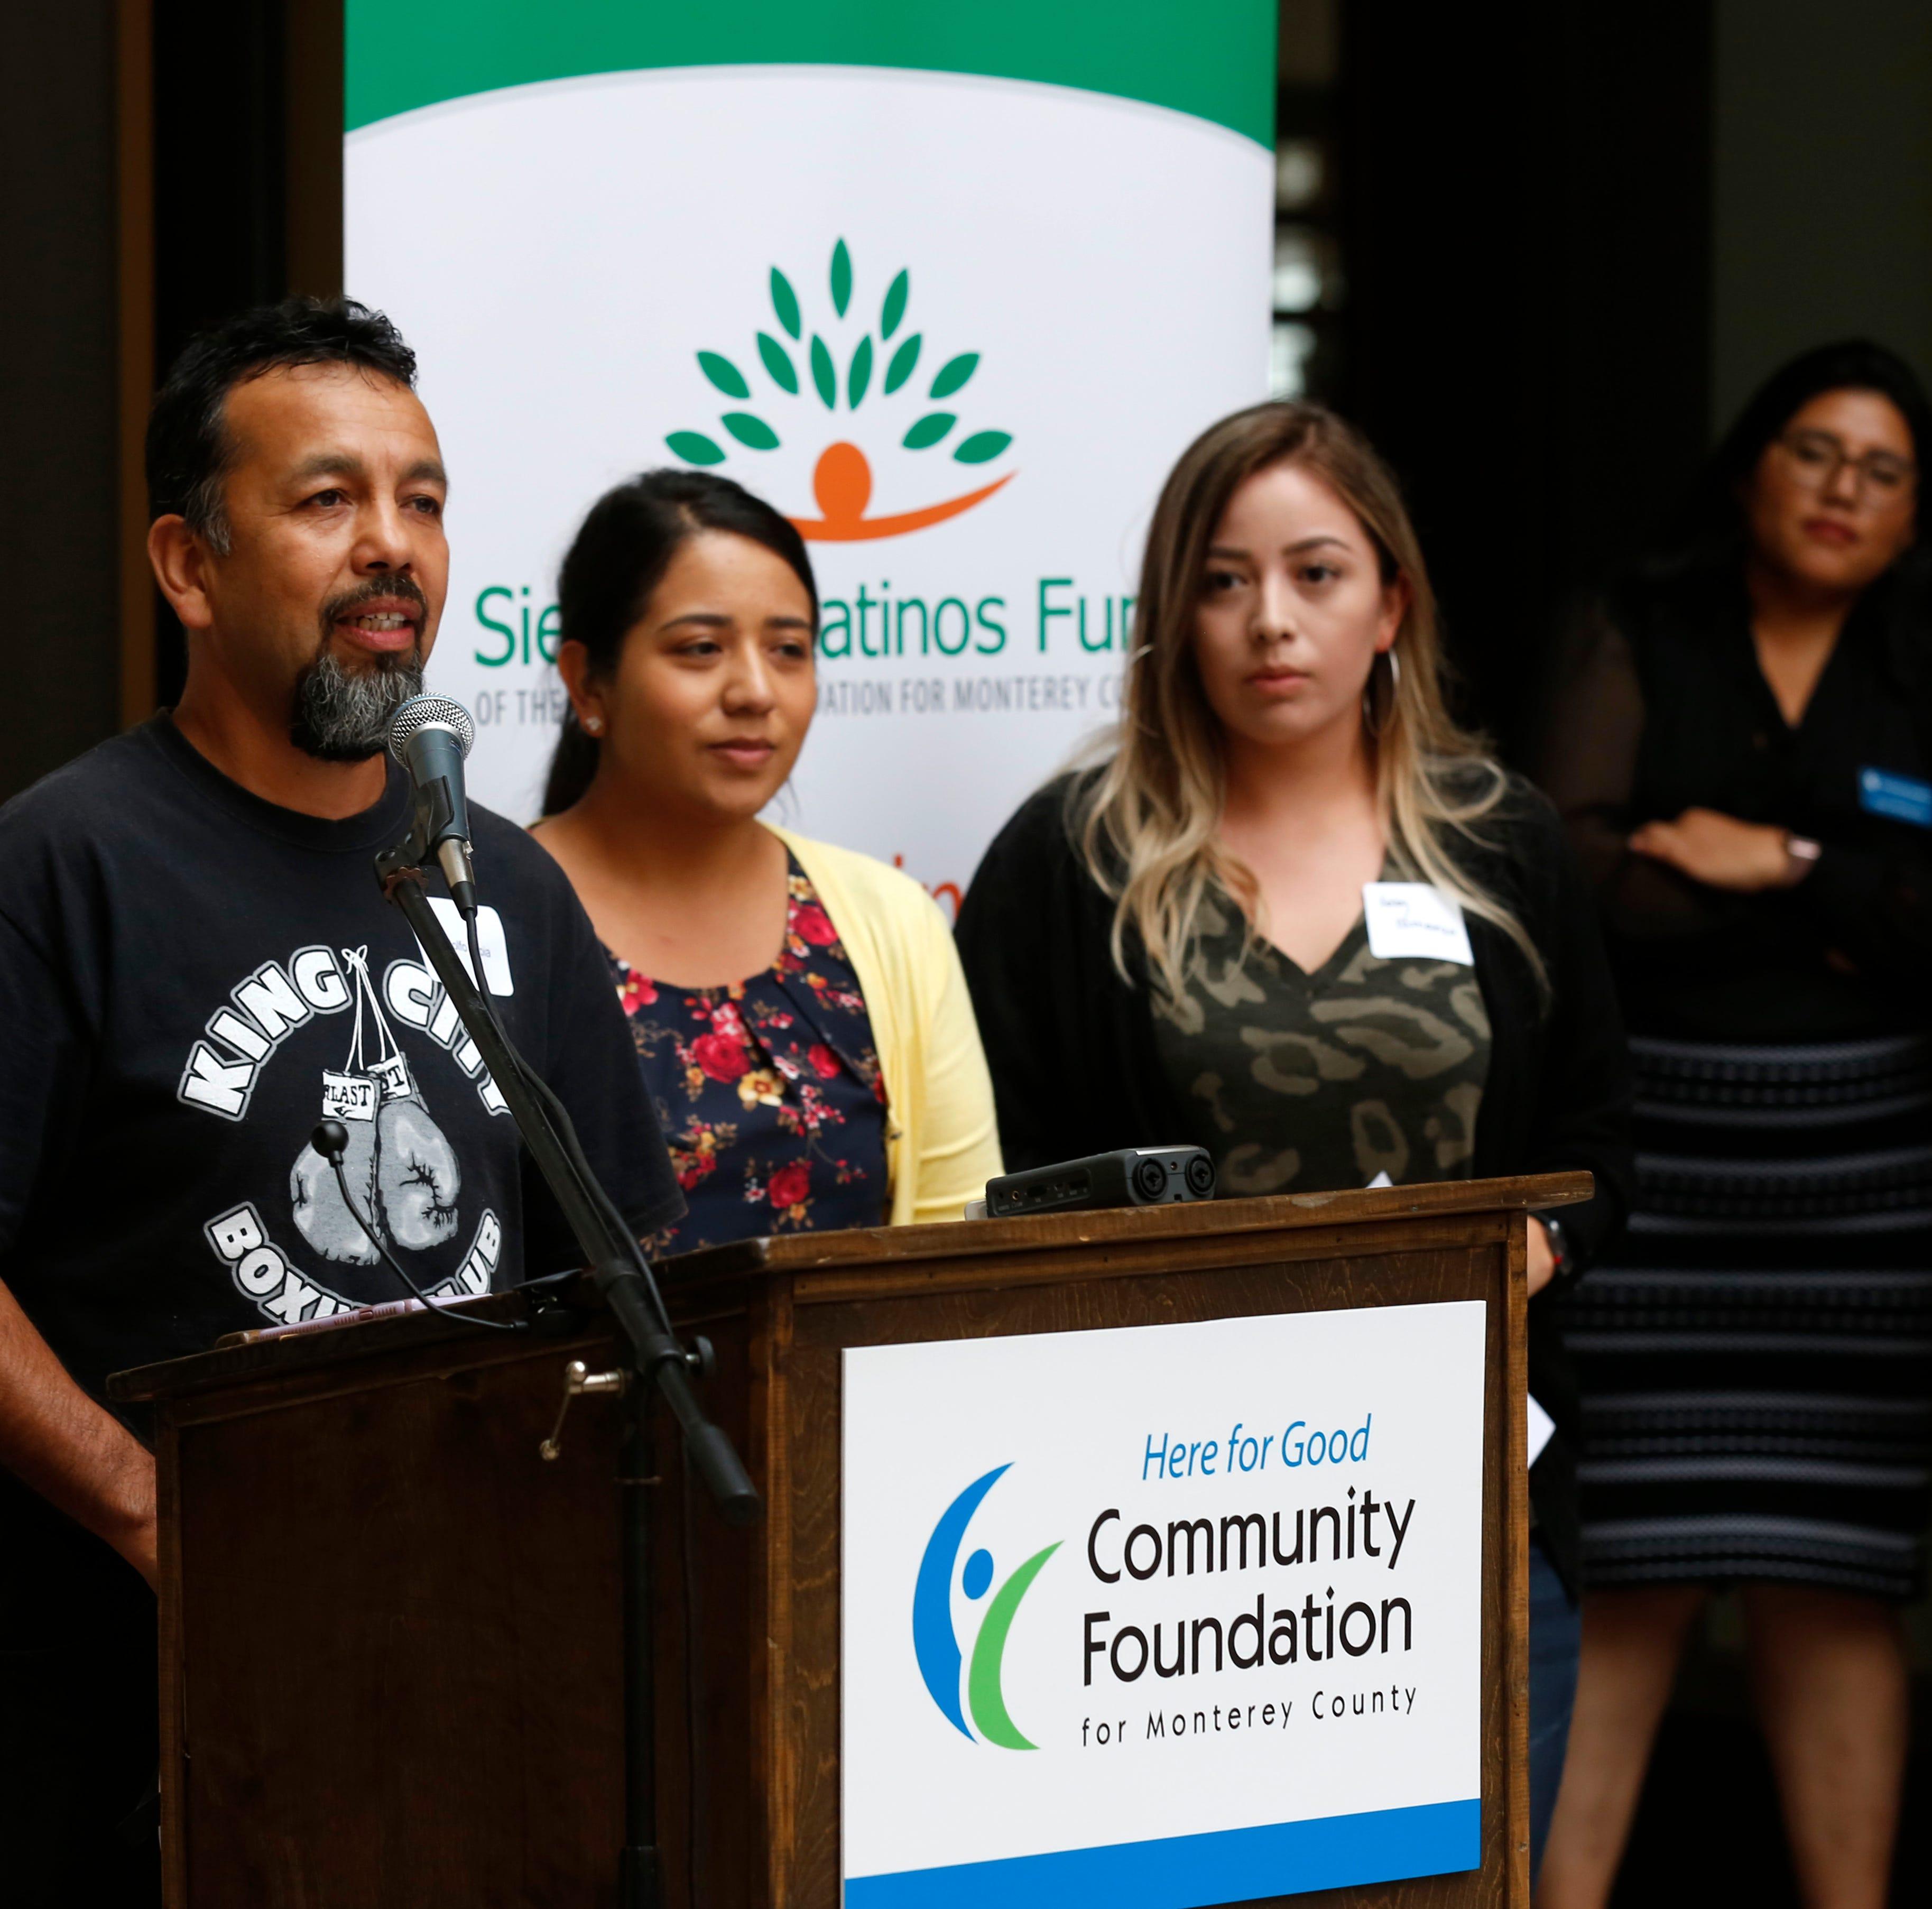 Lanzan iniciativa filantrópica latina